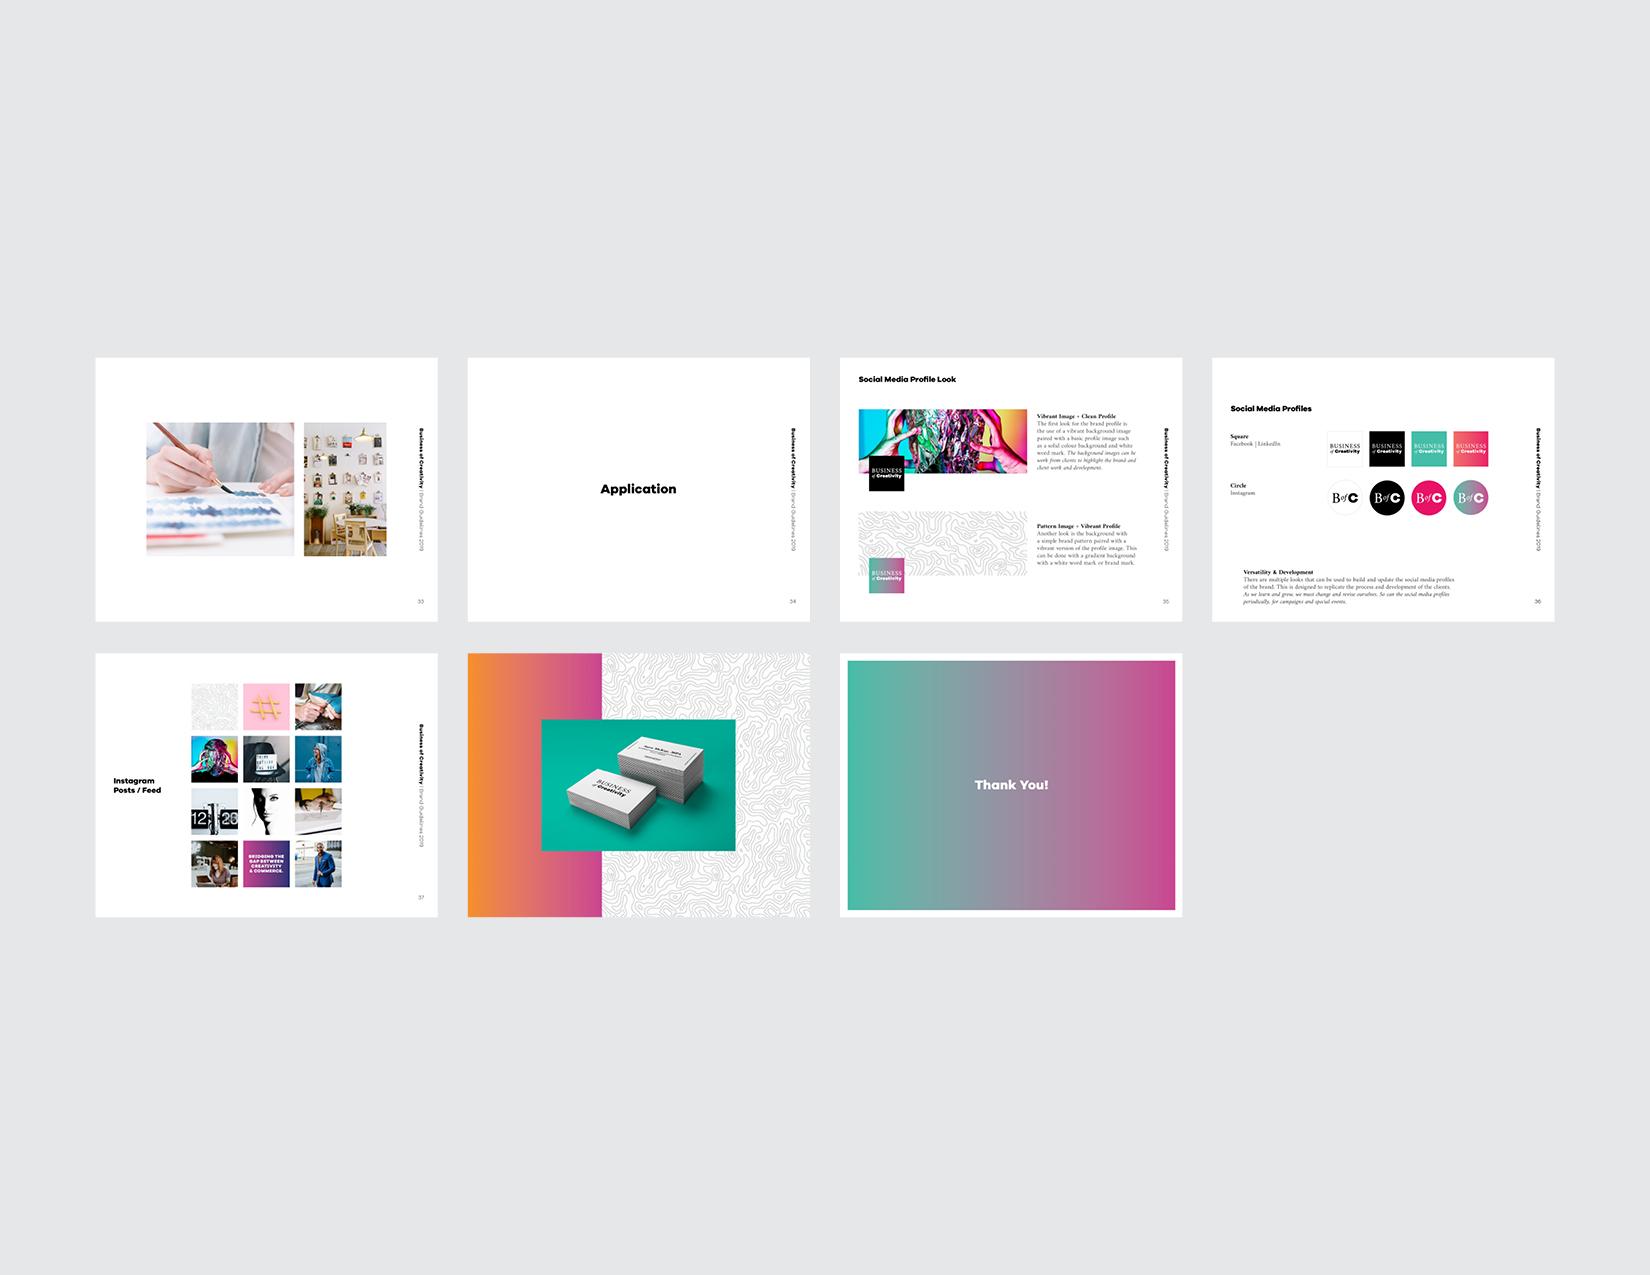 BOC-branding_guidelines-overview5.jpg